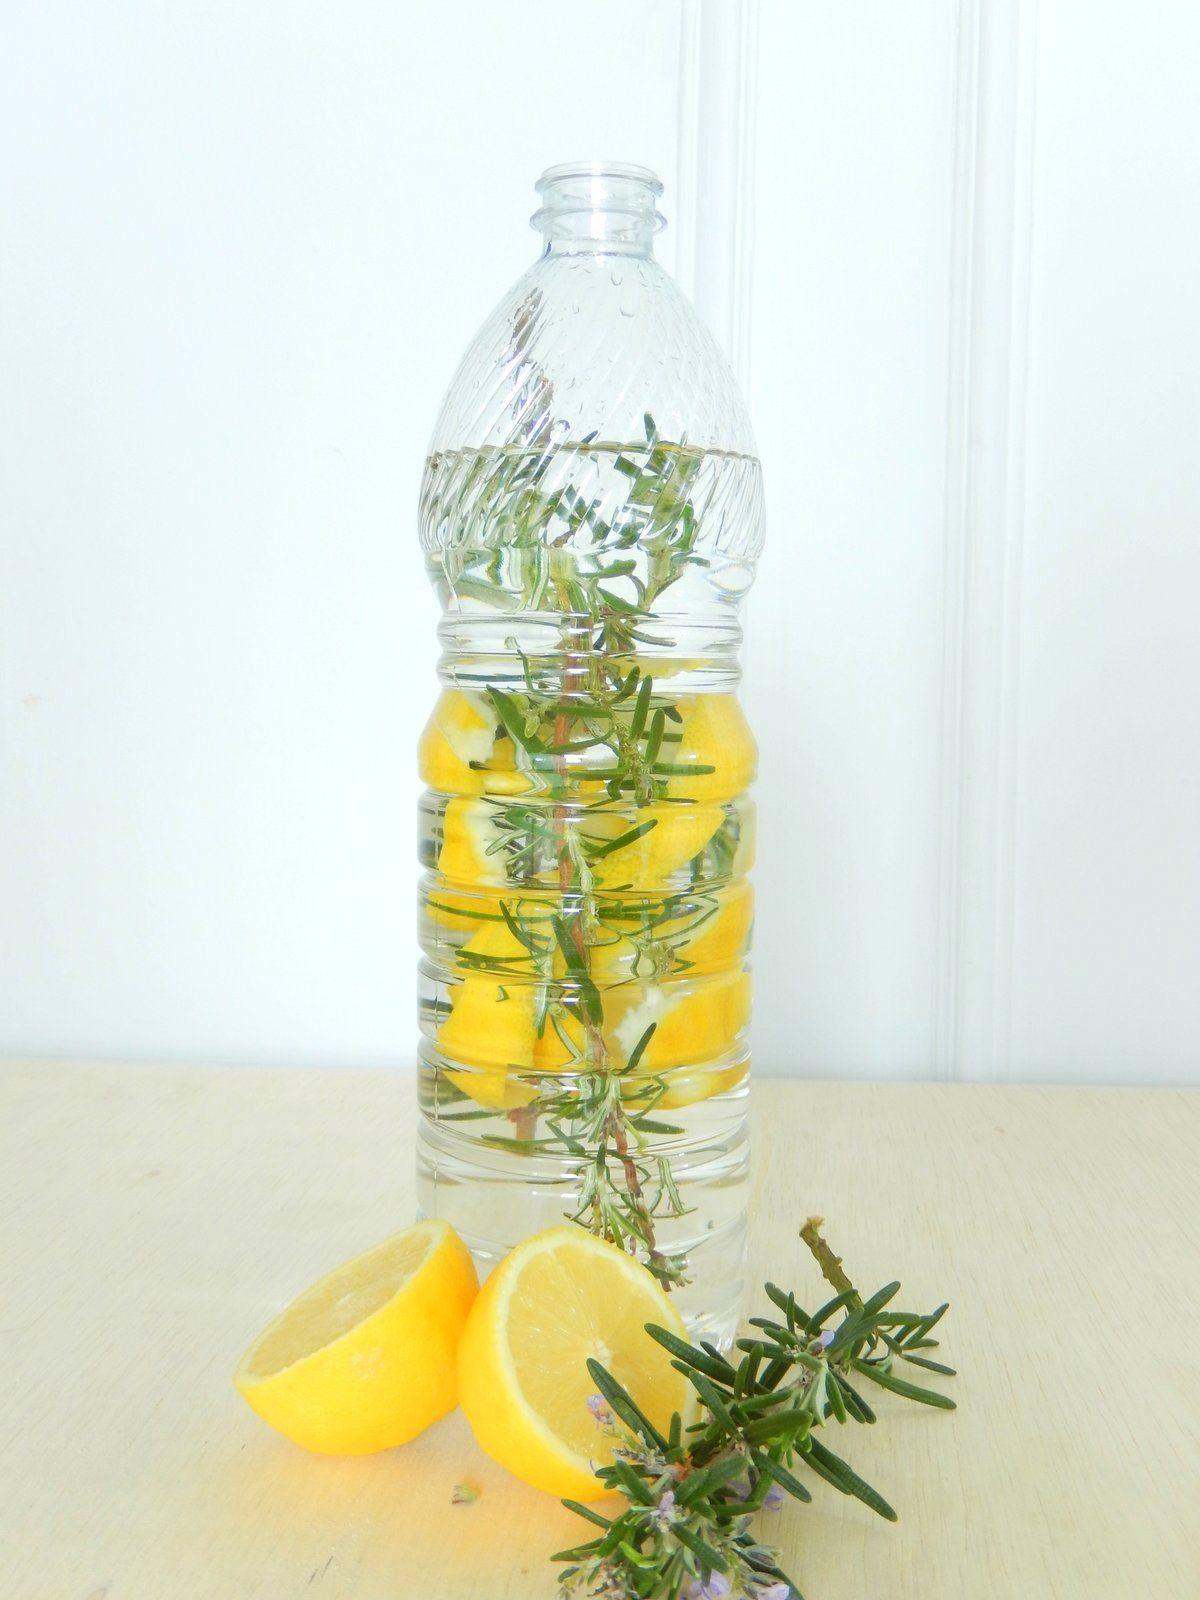 nettoyant m nager 2 cac de bicarbonate vinaigre aromatis citron romarin eau chaude. Black Bedroom Furniture Sets. Home Design Ideas